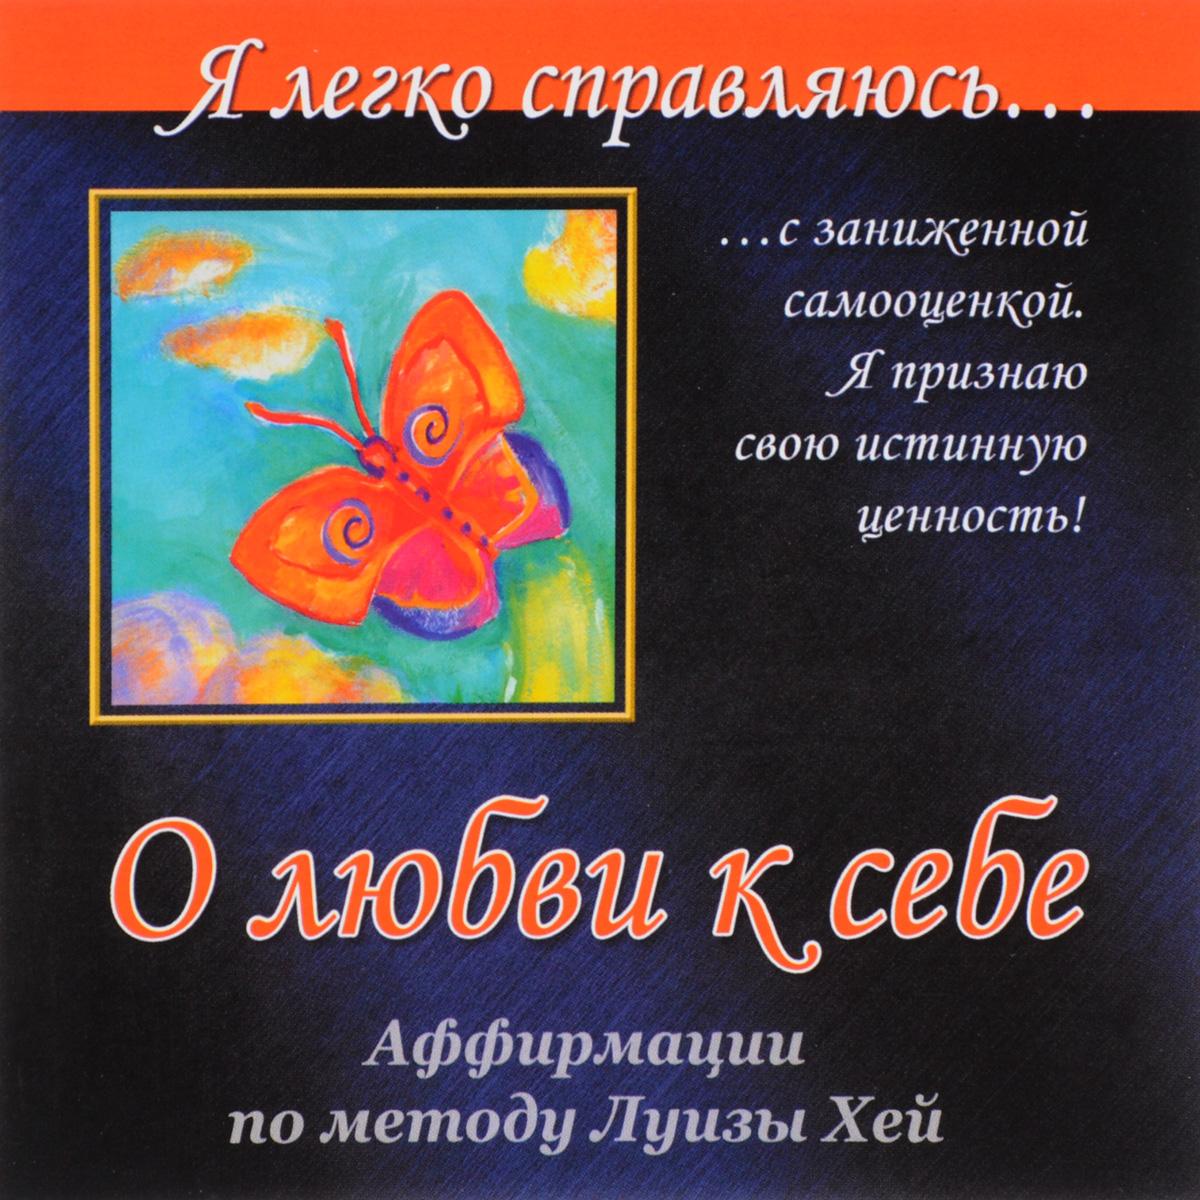 Ангелина Могилевская. О любви к себе. Я легко справляюсь... с заниженной самооценкой